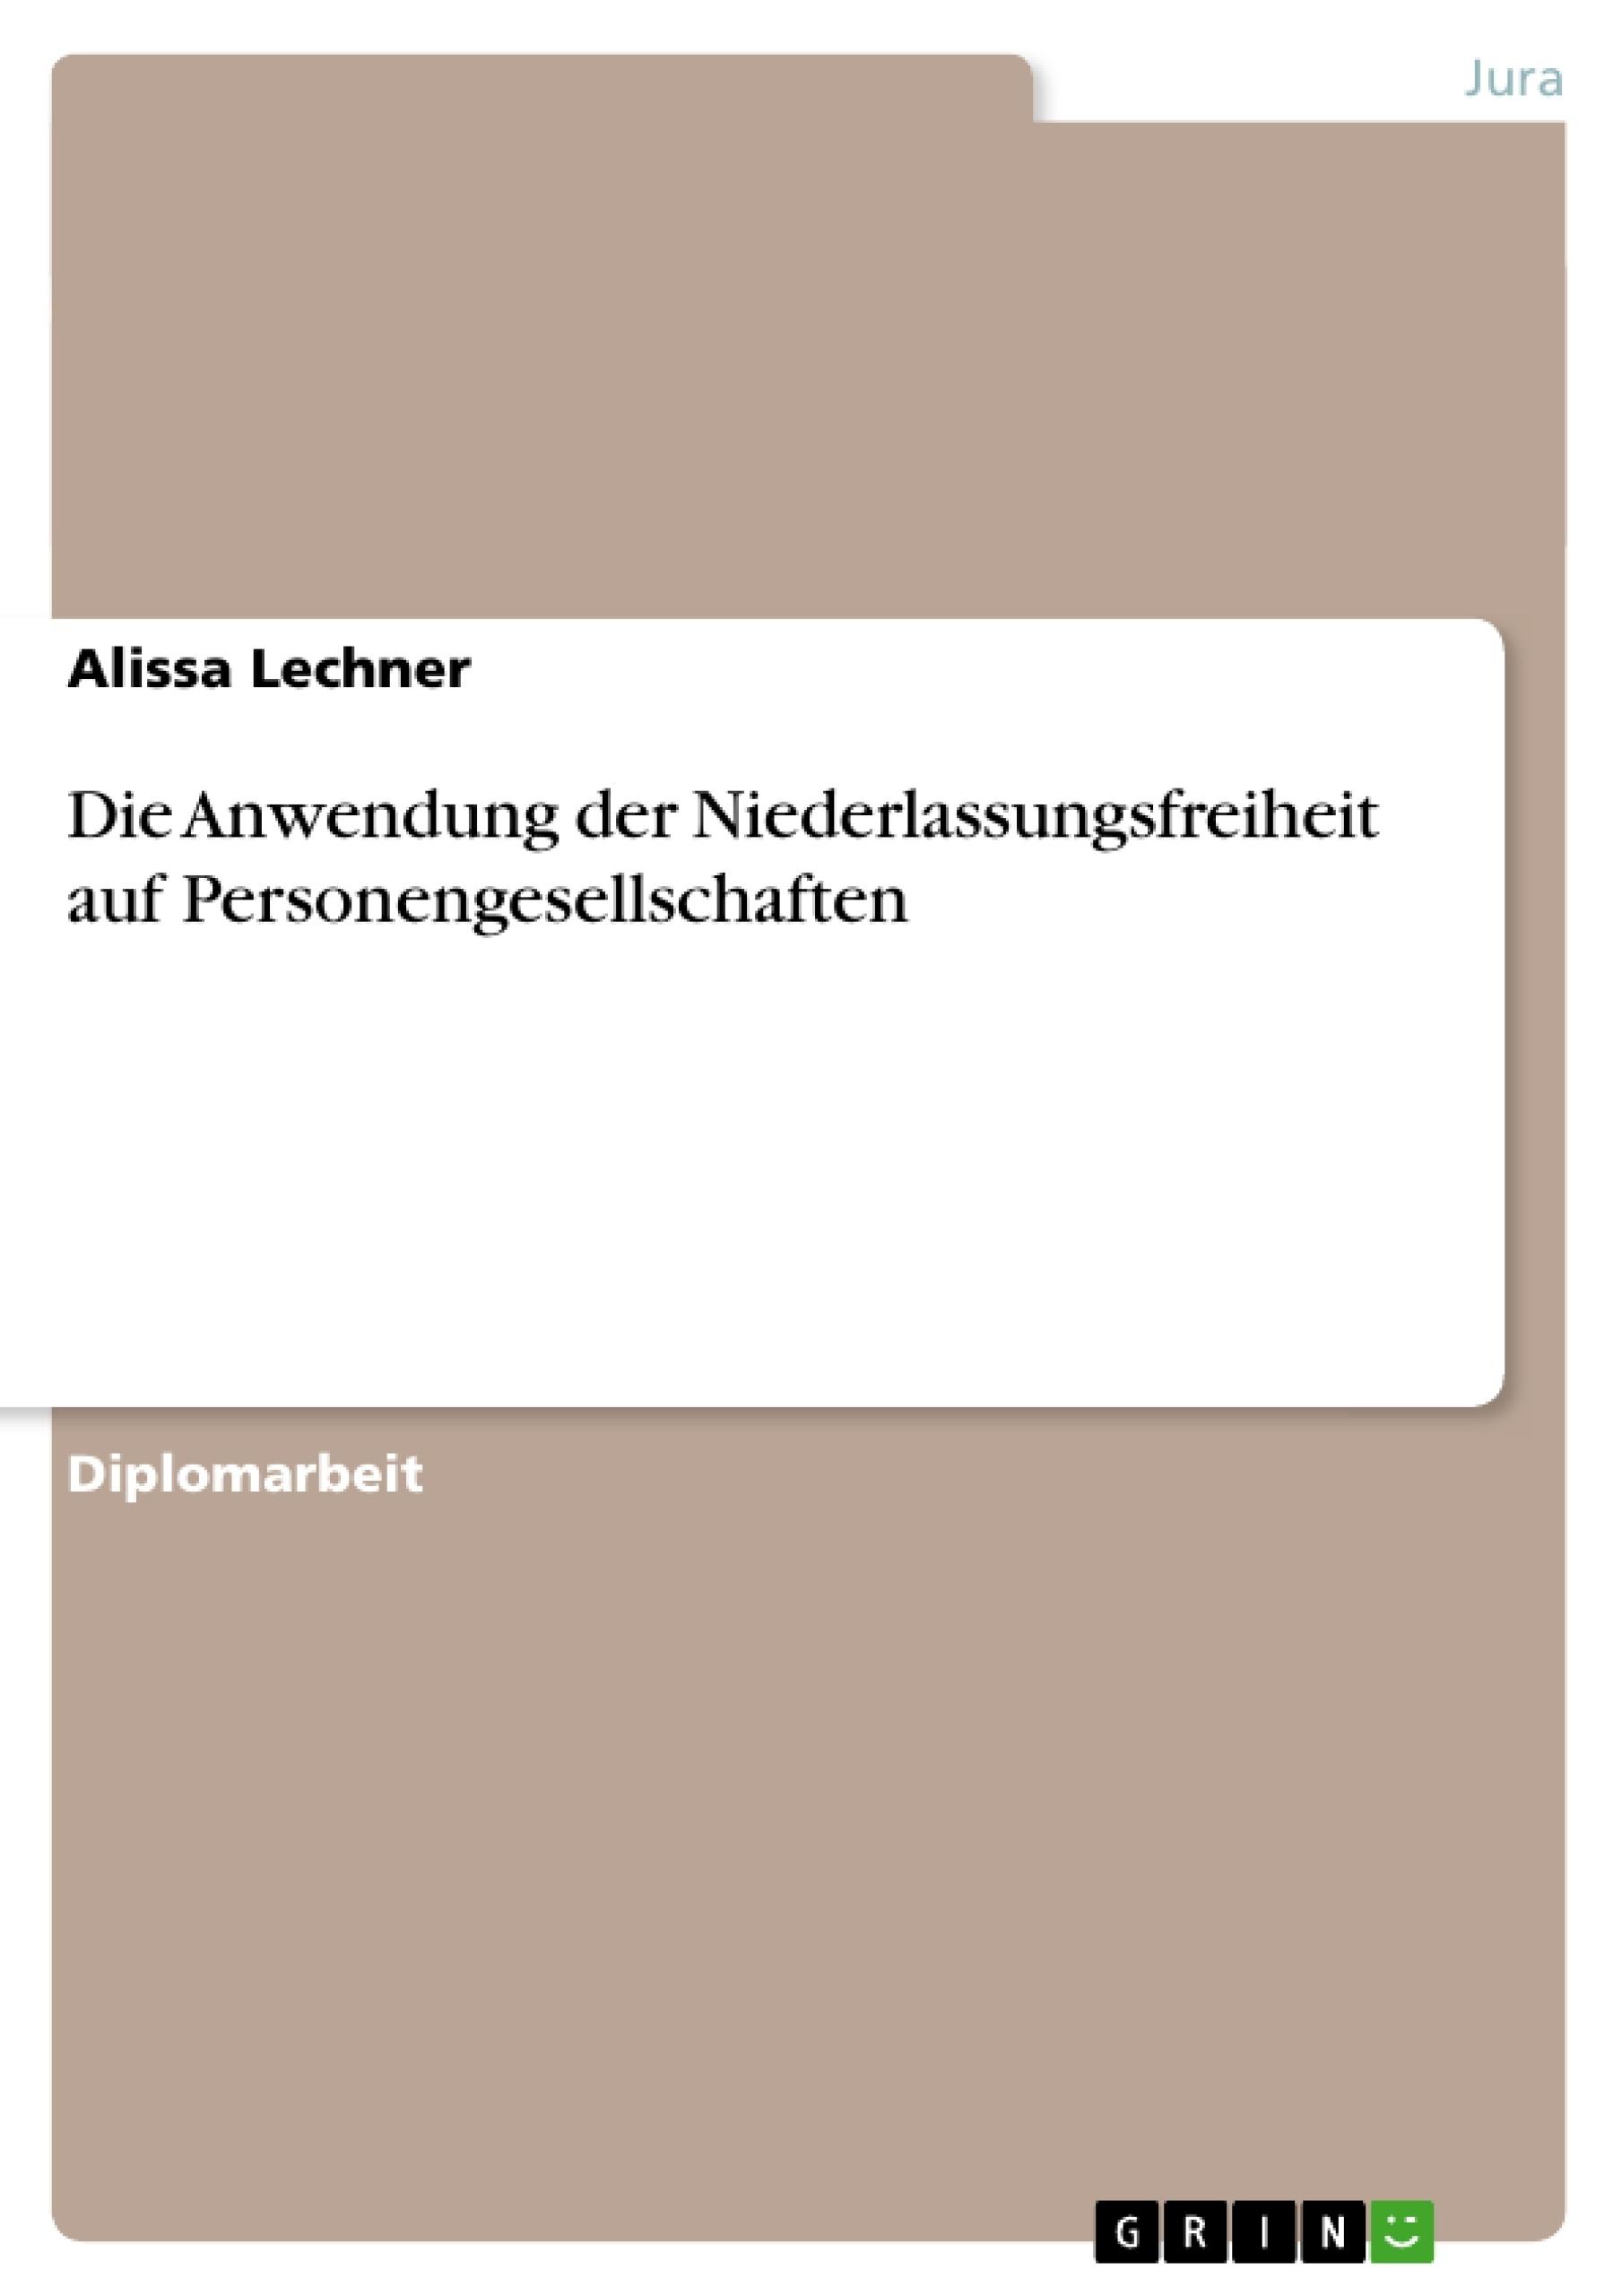 Titel: Die Anwendung der Niederlassungsfreiheit auf Personengesellschaften